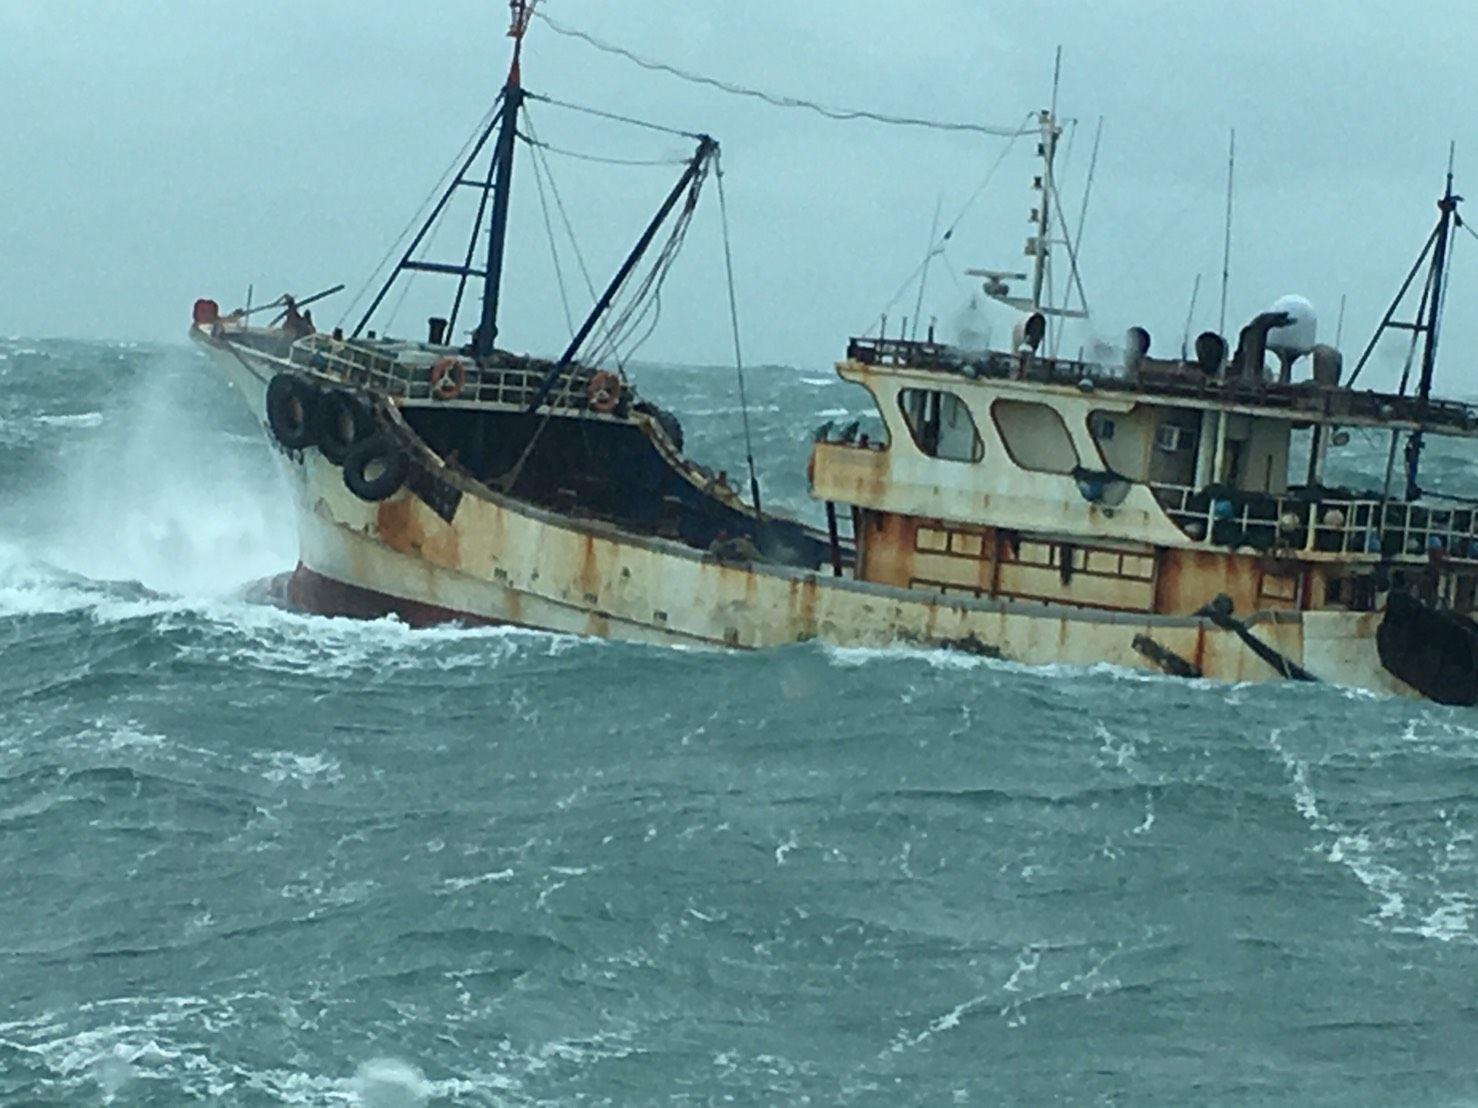 縣長賴峰偉向第八海巡隊表達希望加強護漁力道